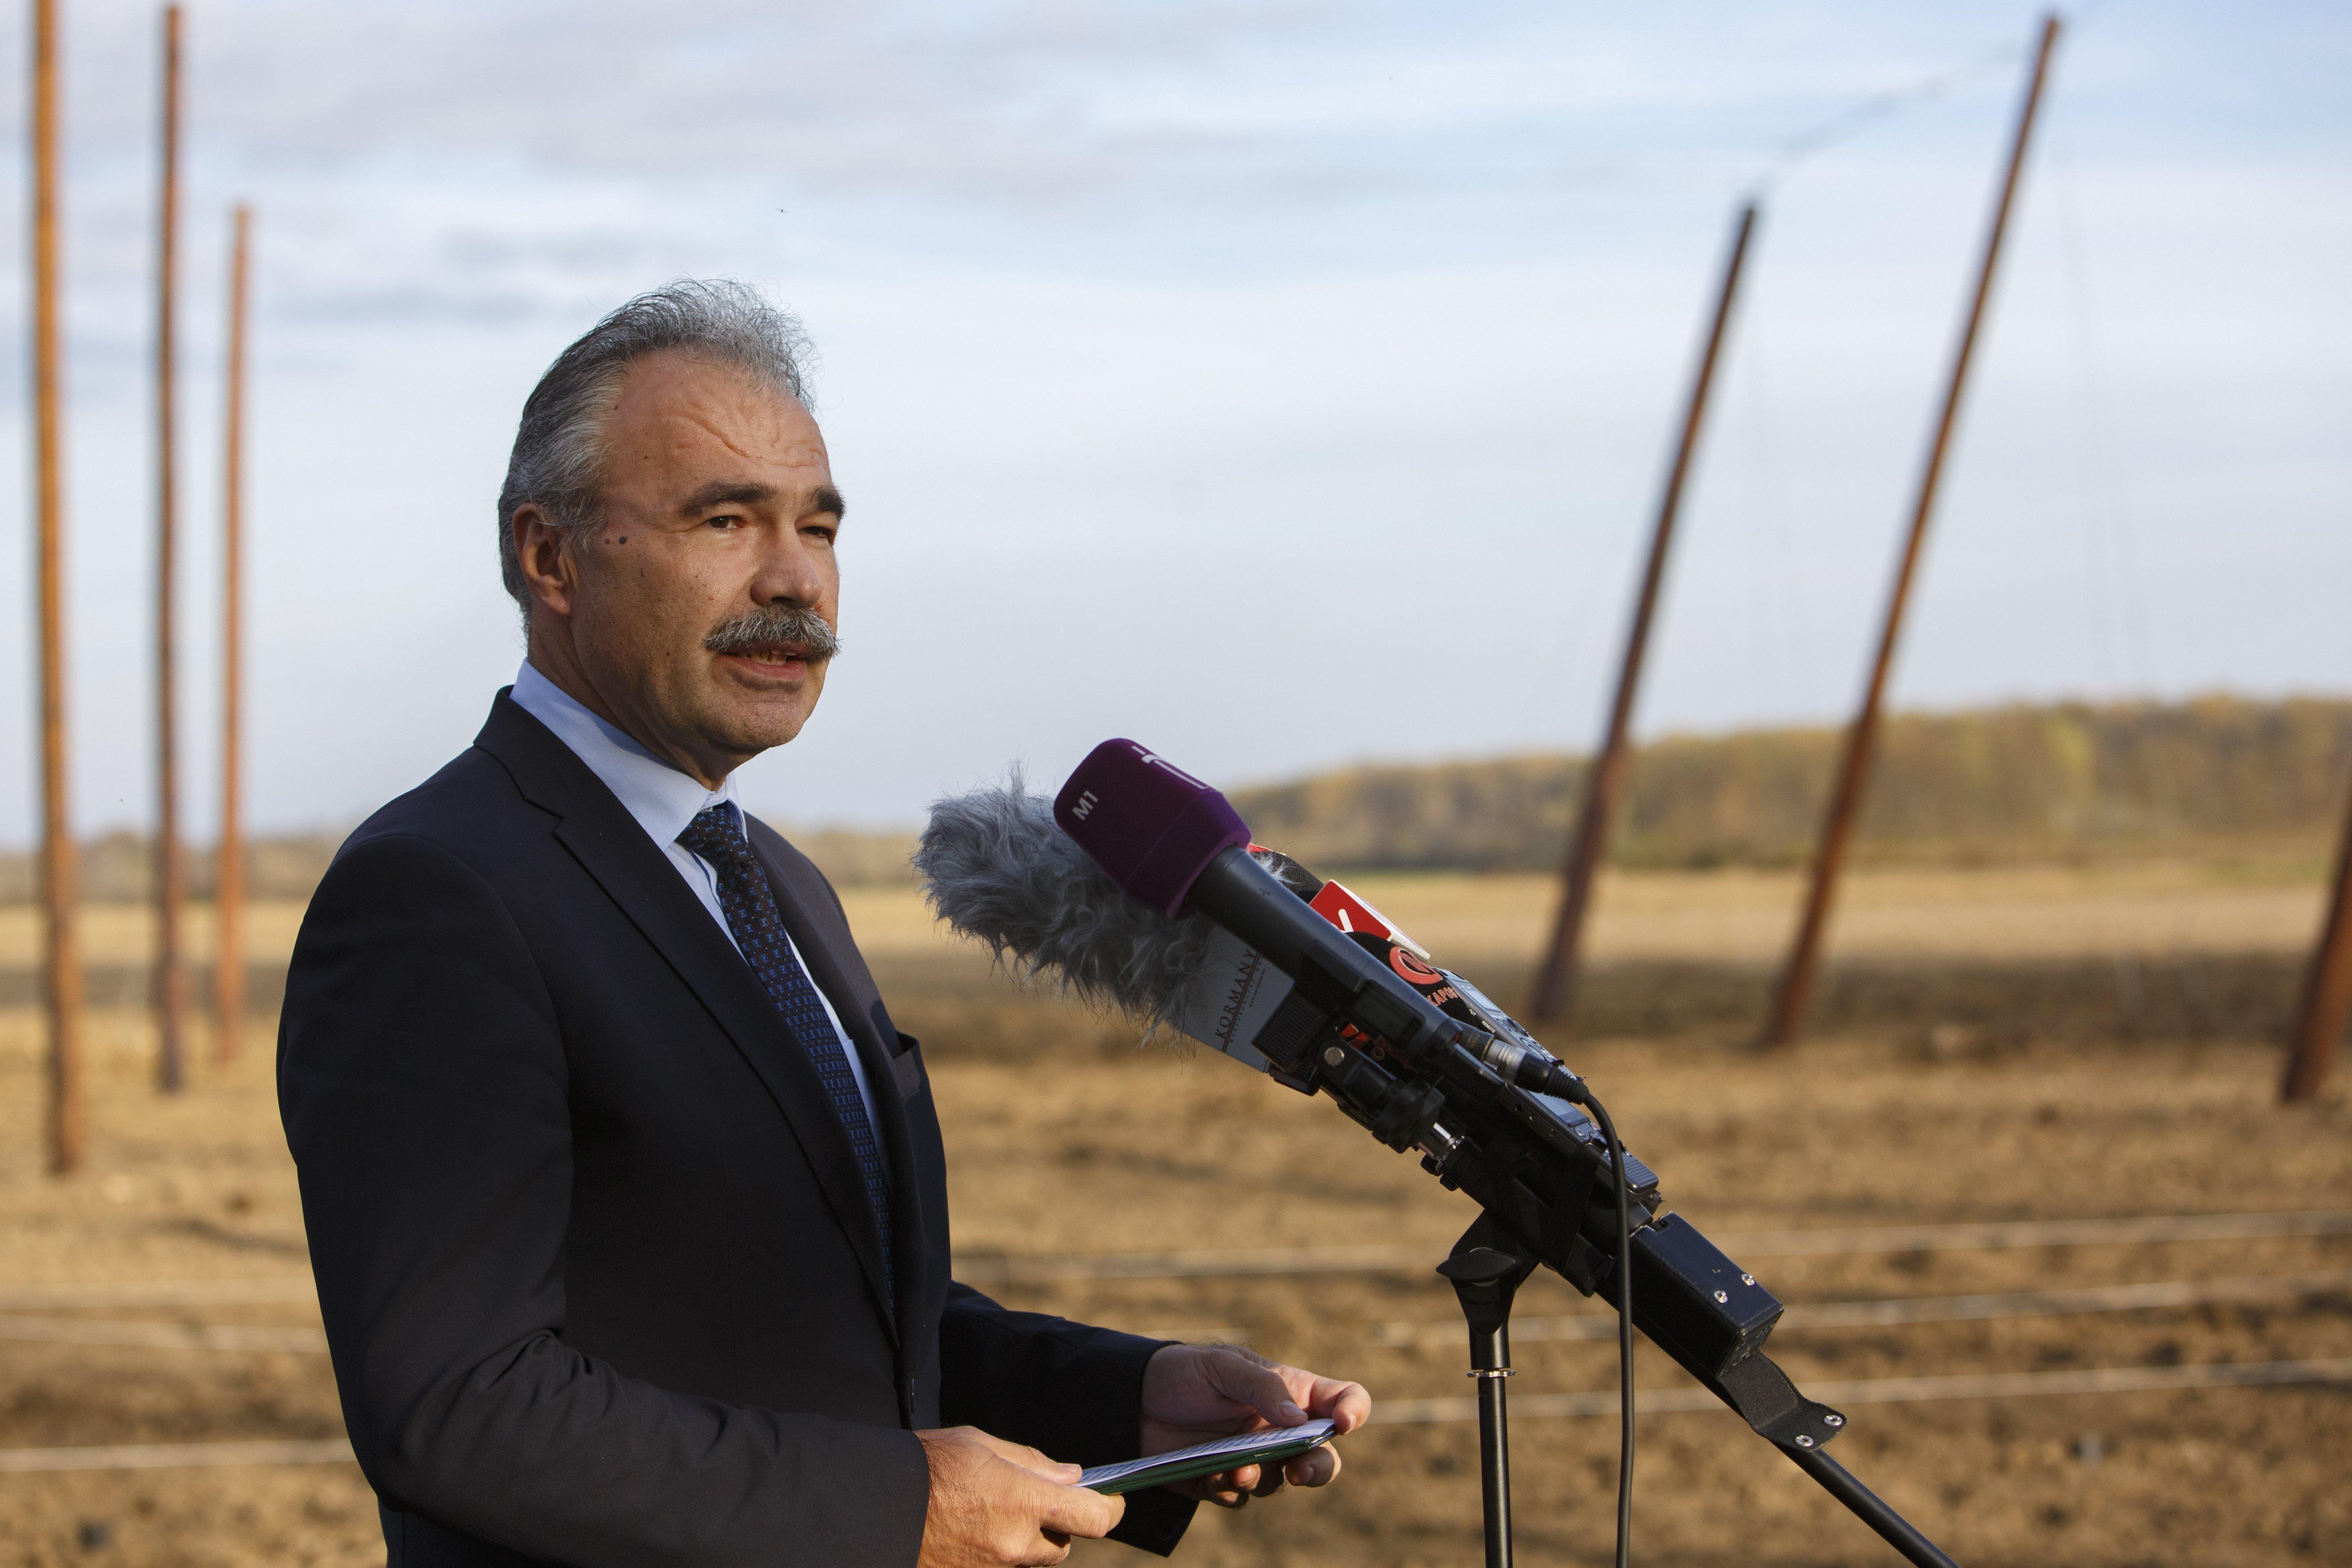 Agrárminiszter: Kiemelt feladat a határon túli magyar gazdálkodók érdekképviselete